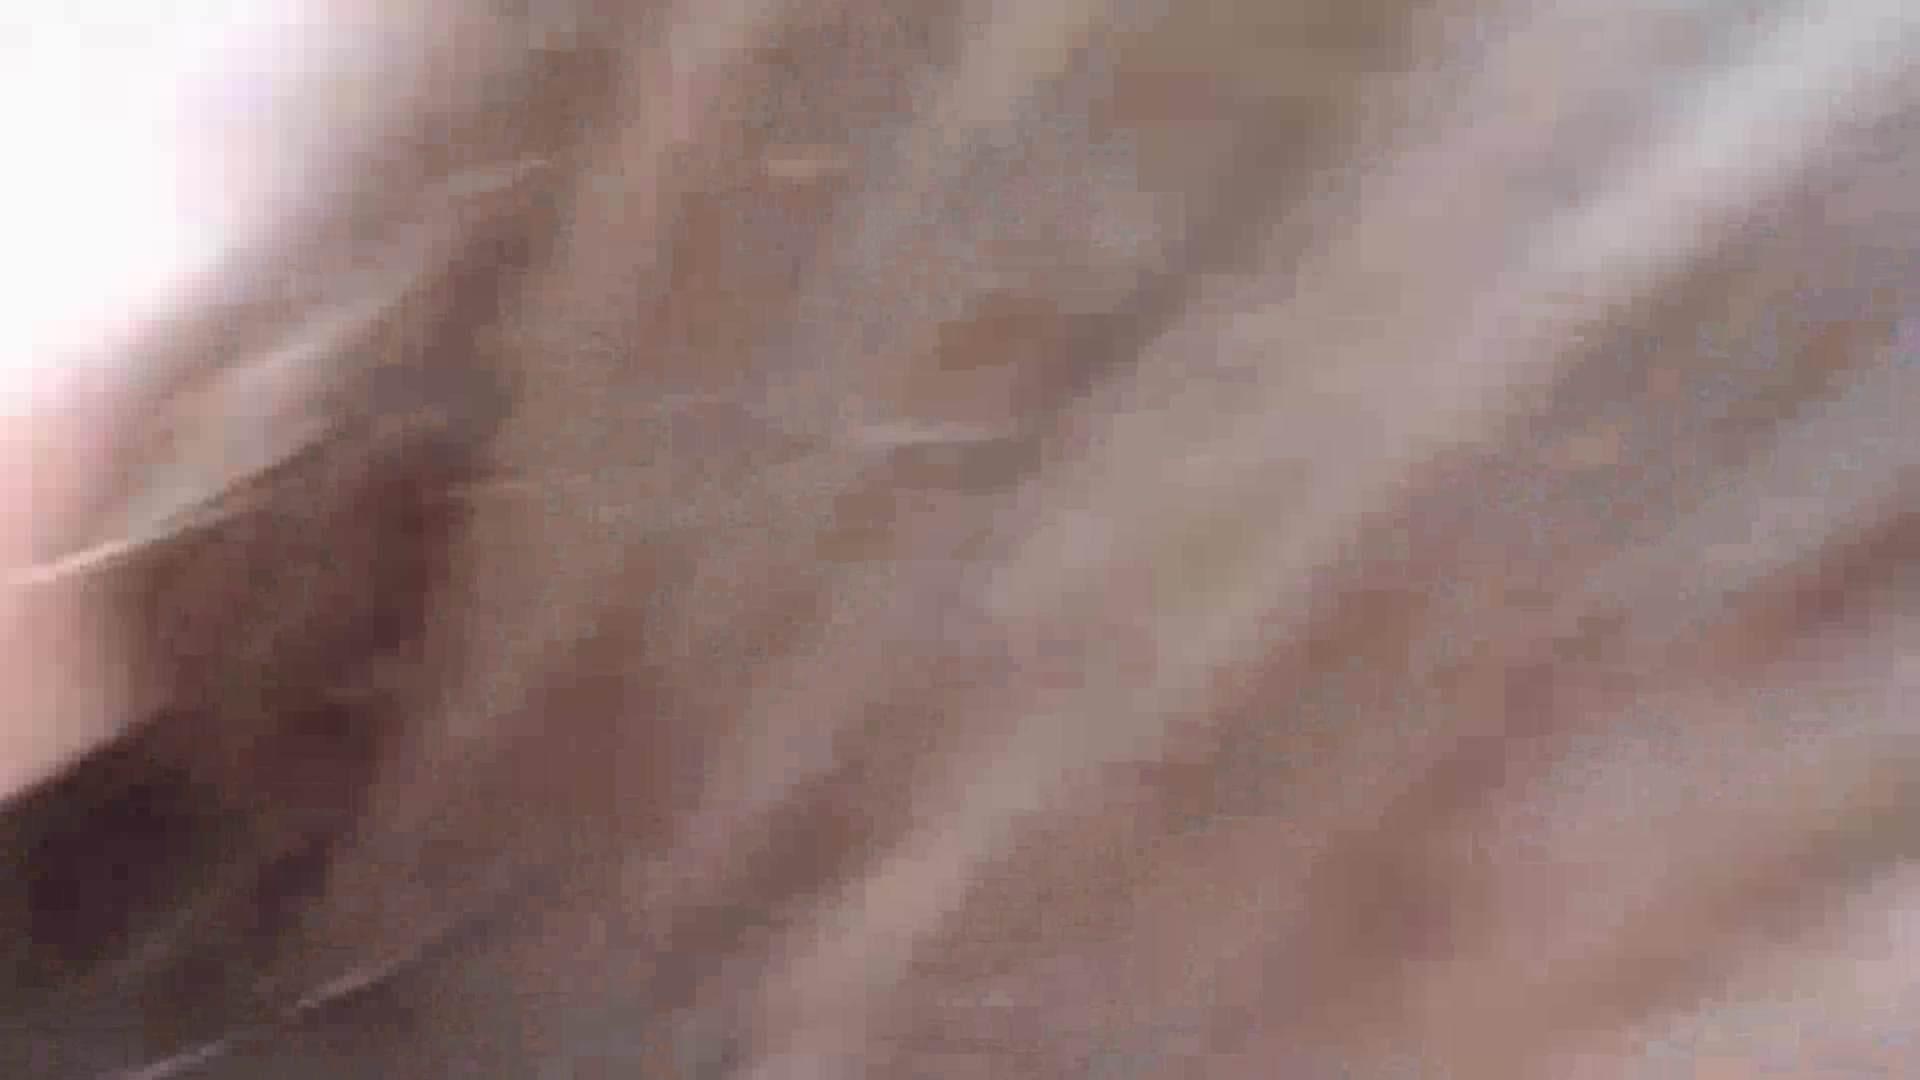 ギャルとハメハメ生チャット!Vol.09前編 美女OL オマンコ動画キャプチャ 101連発 62